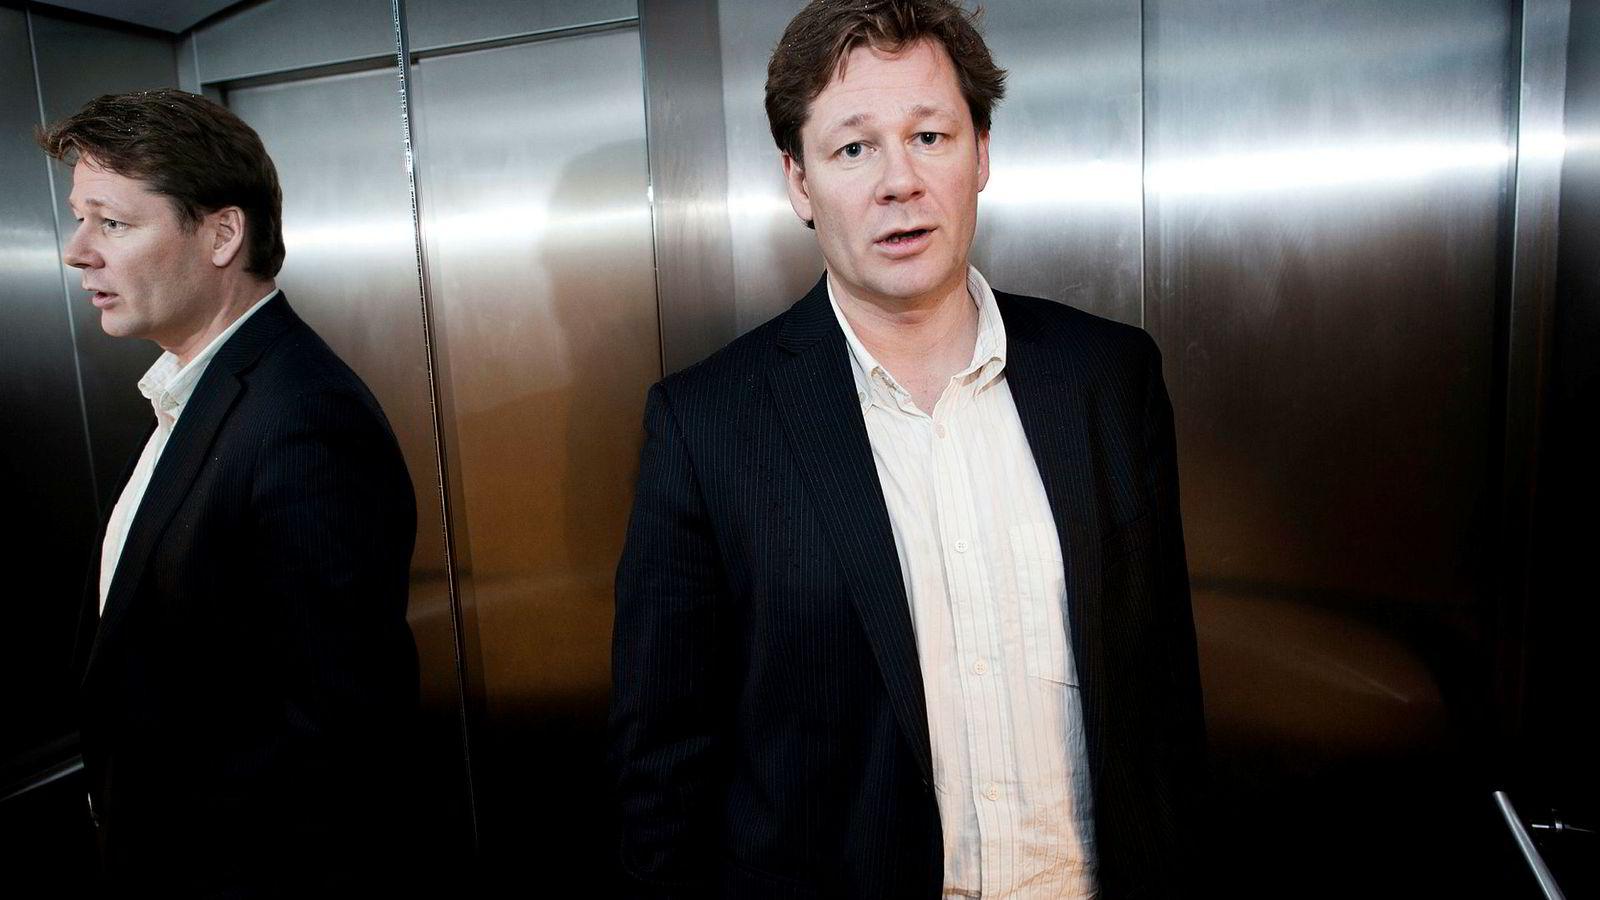 Senior porteføljeforvalter Lars Erik Moen i Danske Capital Norge sier de evaluerer situasjonen i Telenor fortløpende.